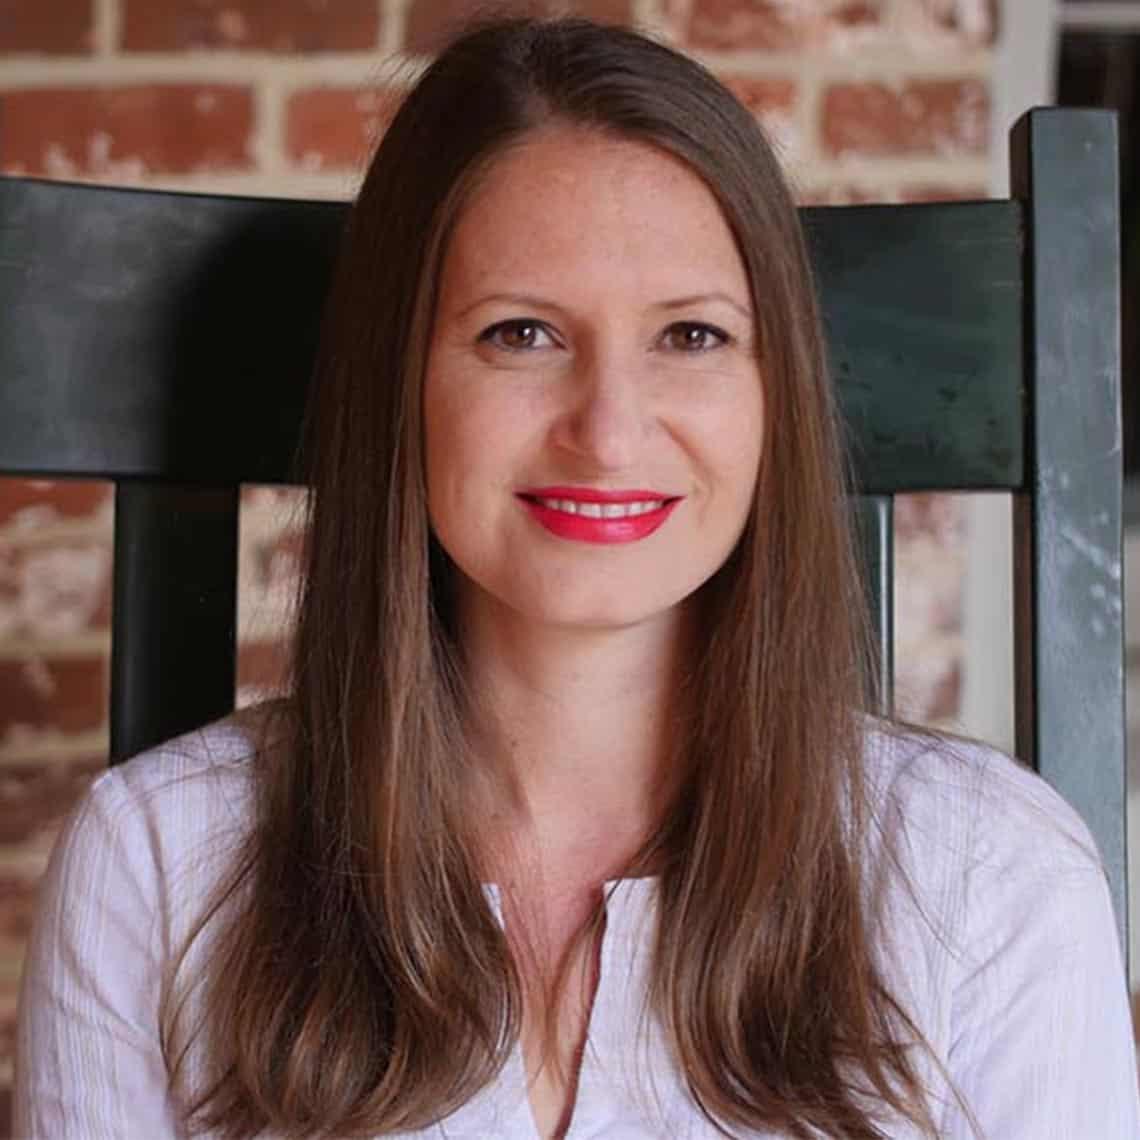 Amanda Bock 1 - #PeopleOfPeace